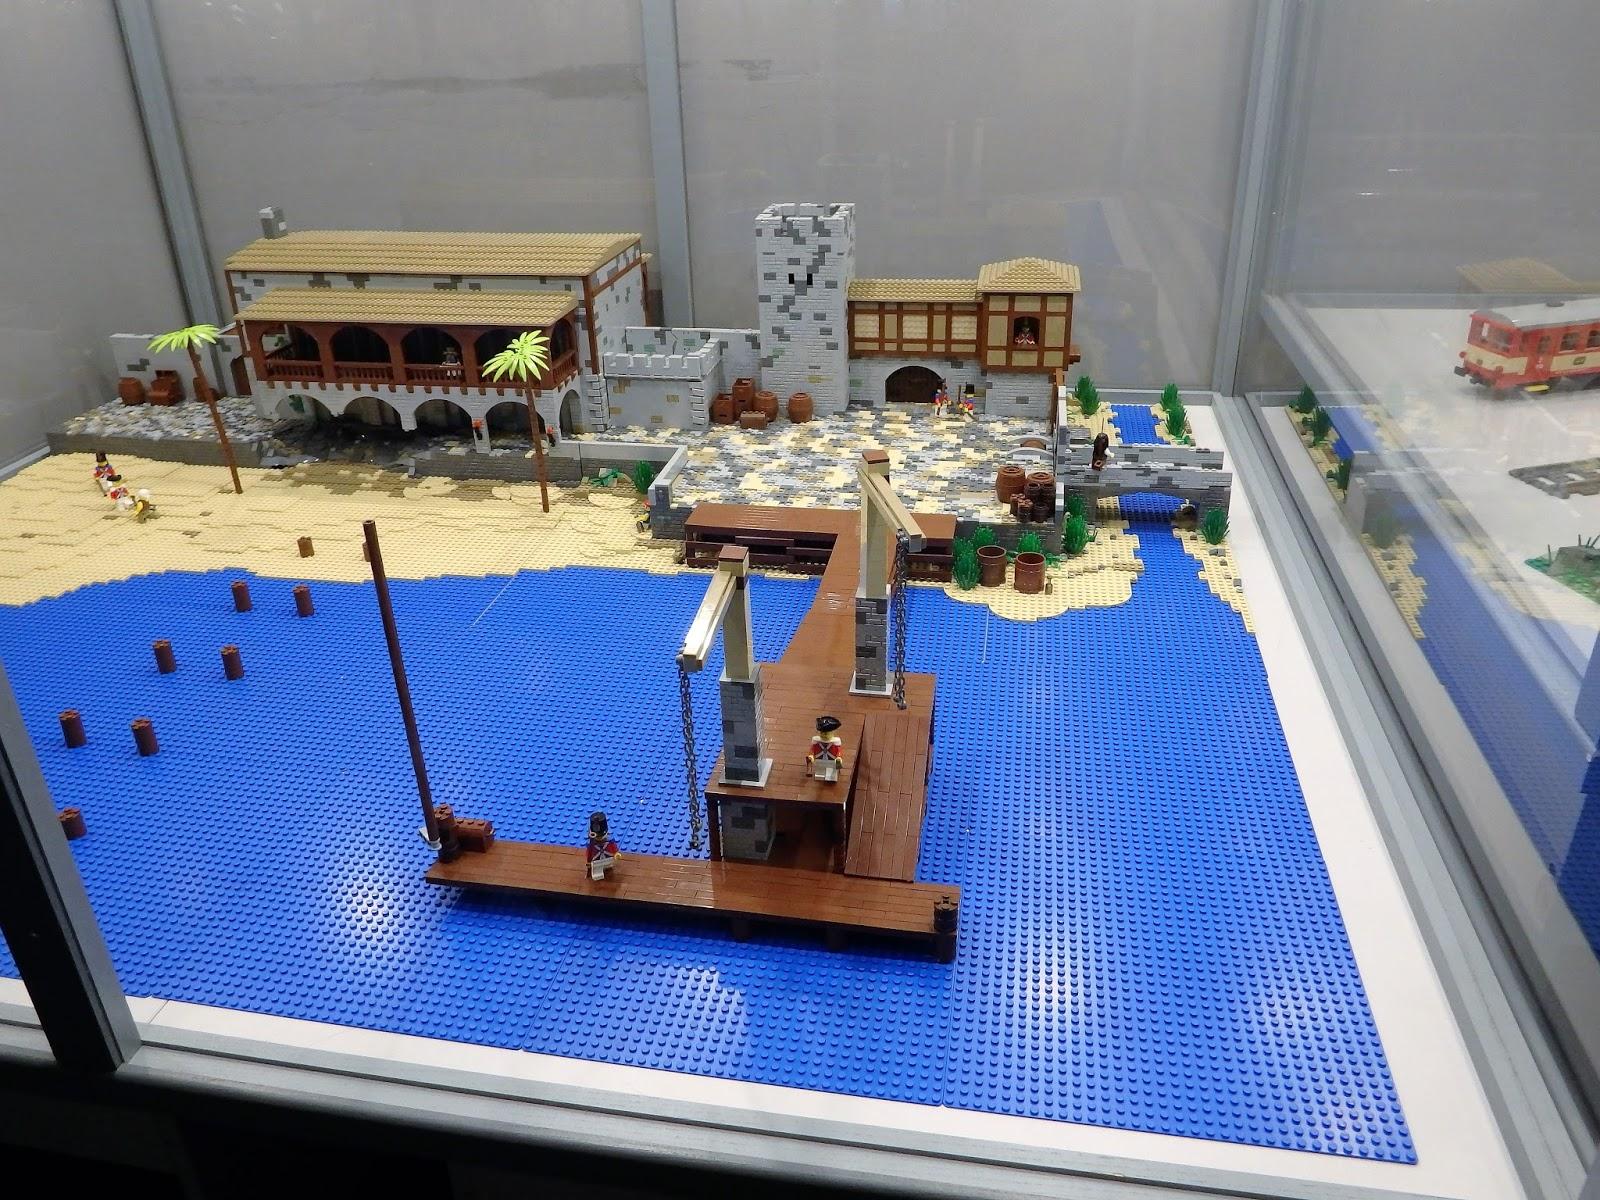 Zatrzymać świat Wystawa Lego Galeria Kazimierz Kraków